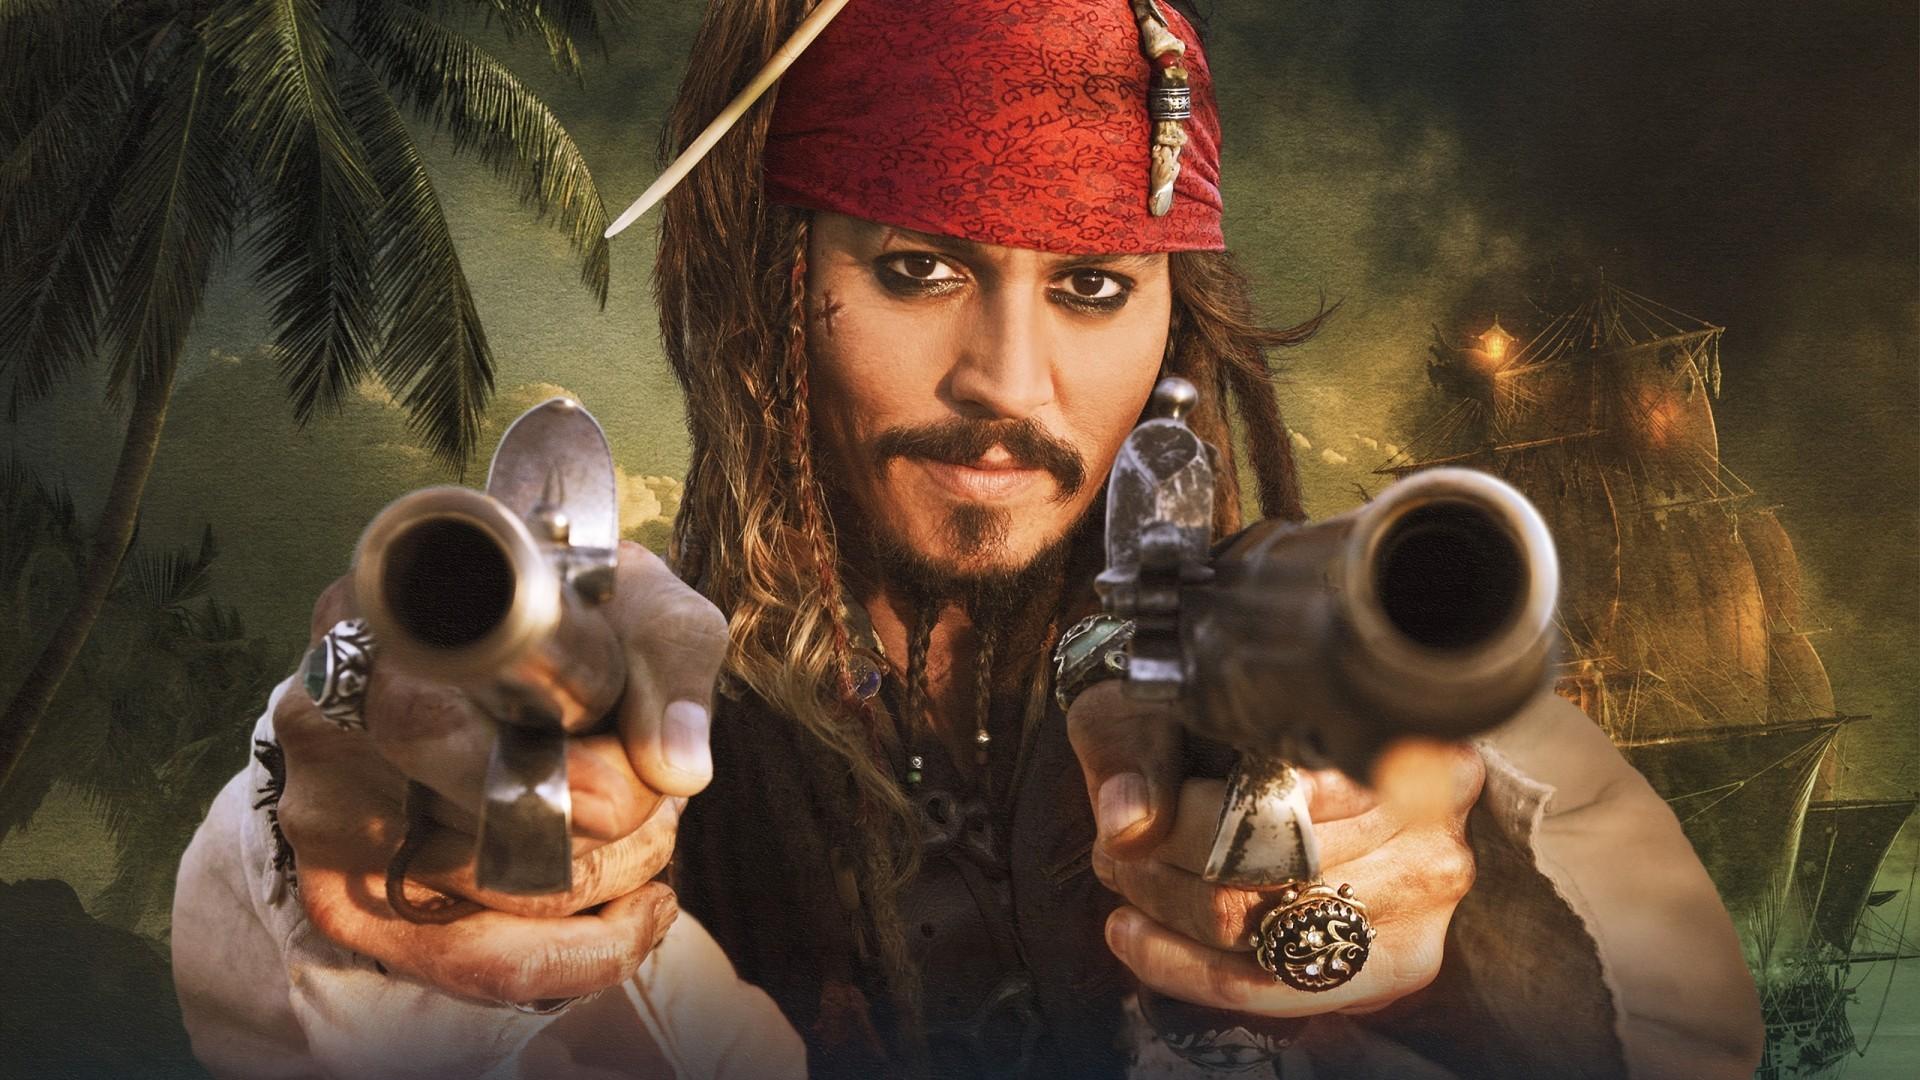 デスクトップ壁紙 映画 兵士 海賊 パイレーツオブカリビアン